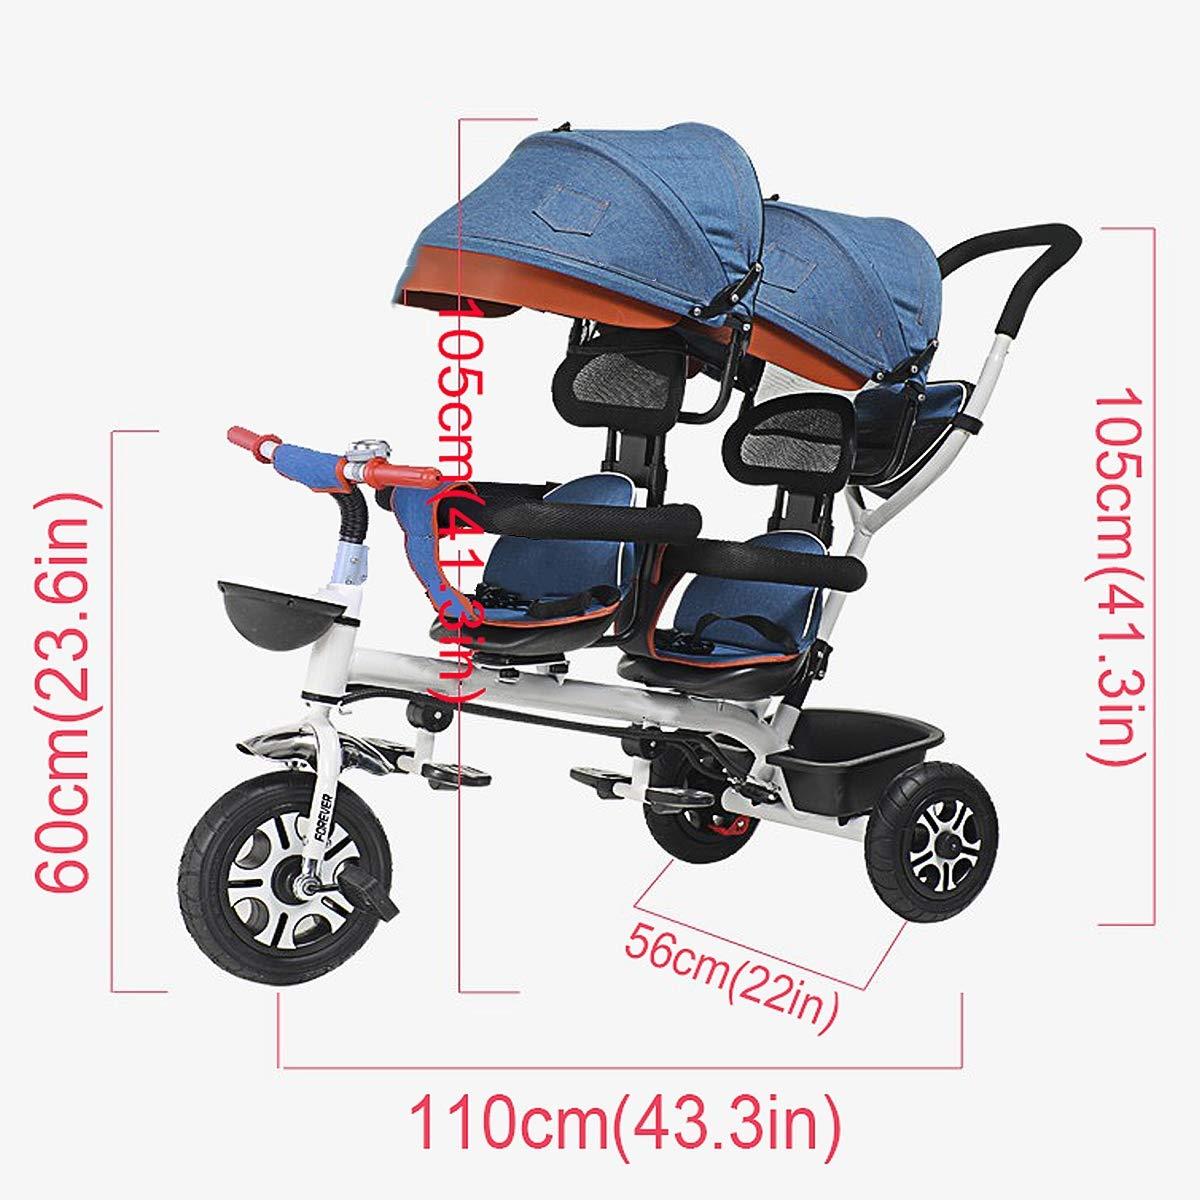 Relubby Triciclo Cochecito para Niños Pequeños Y Bebés, Carro ...